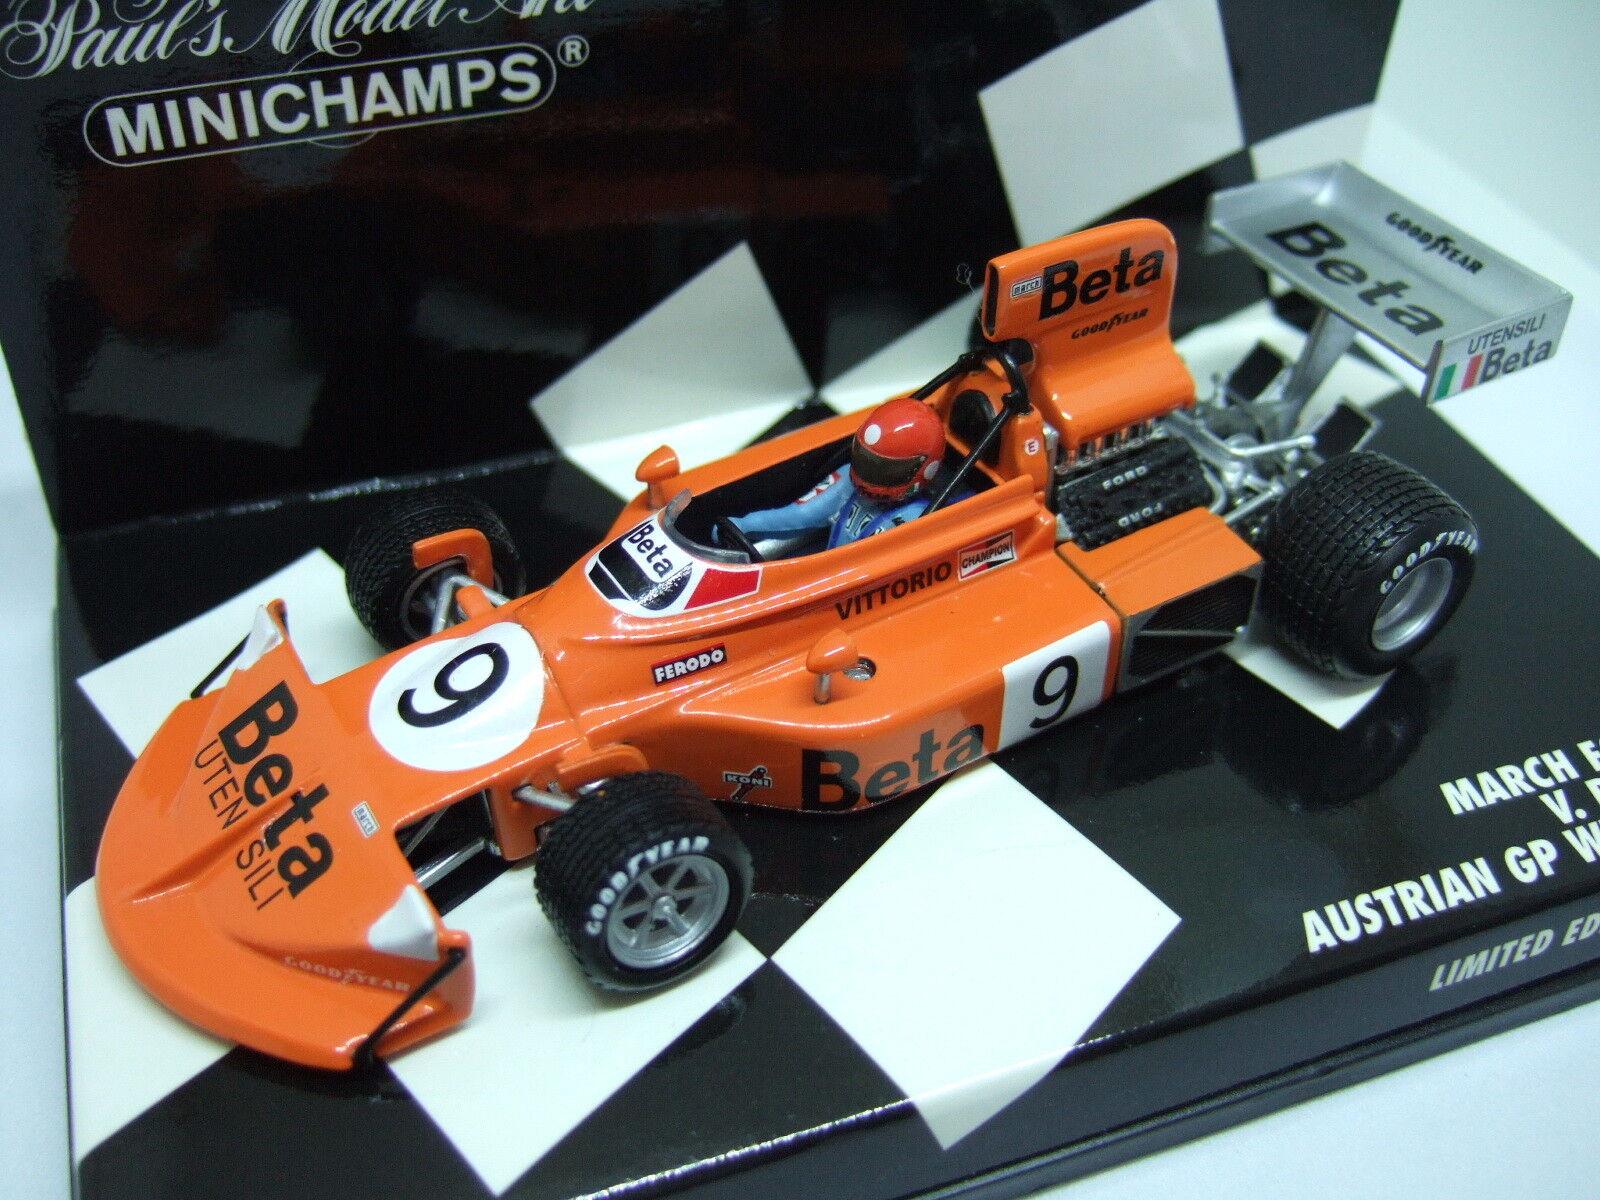 Minichamps BRAMBILLA MARCH FORD 751 AUSTRIACO Vincitore GP GP GP 1975 1:43 7ac3cd